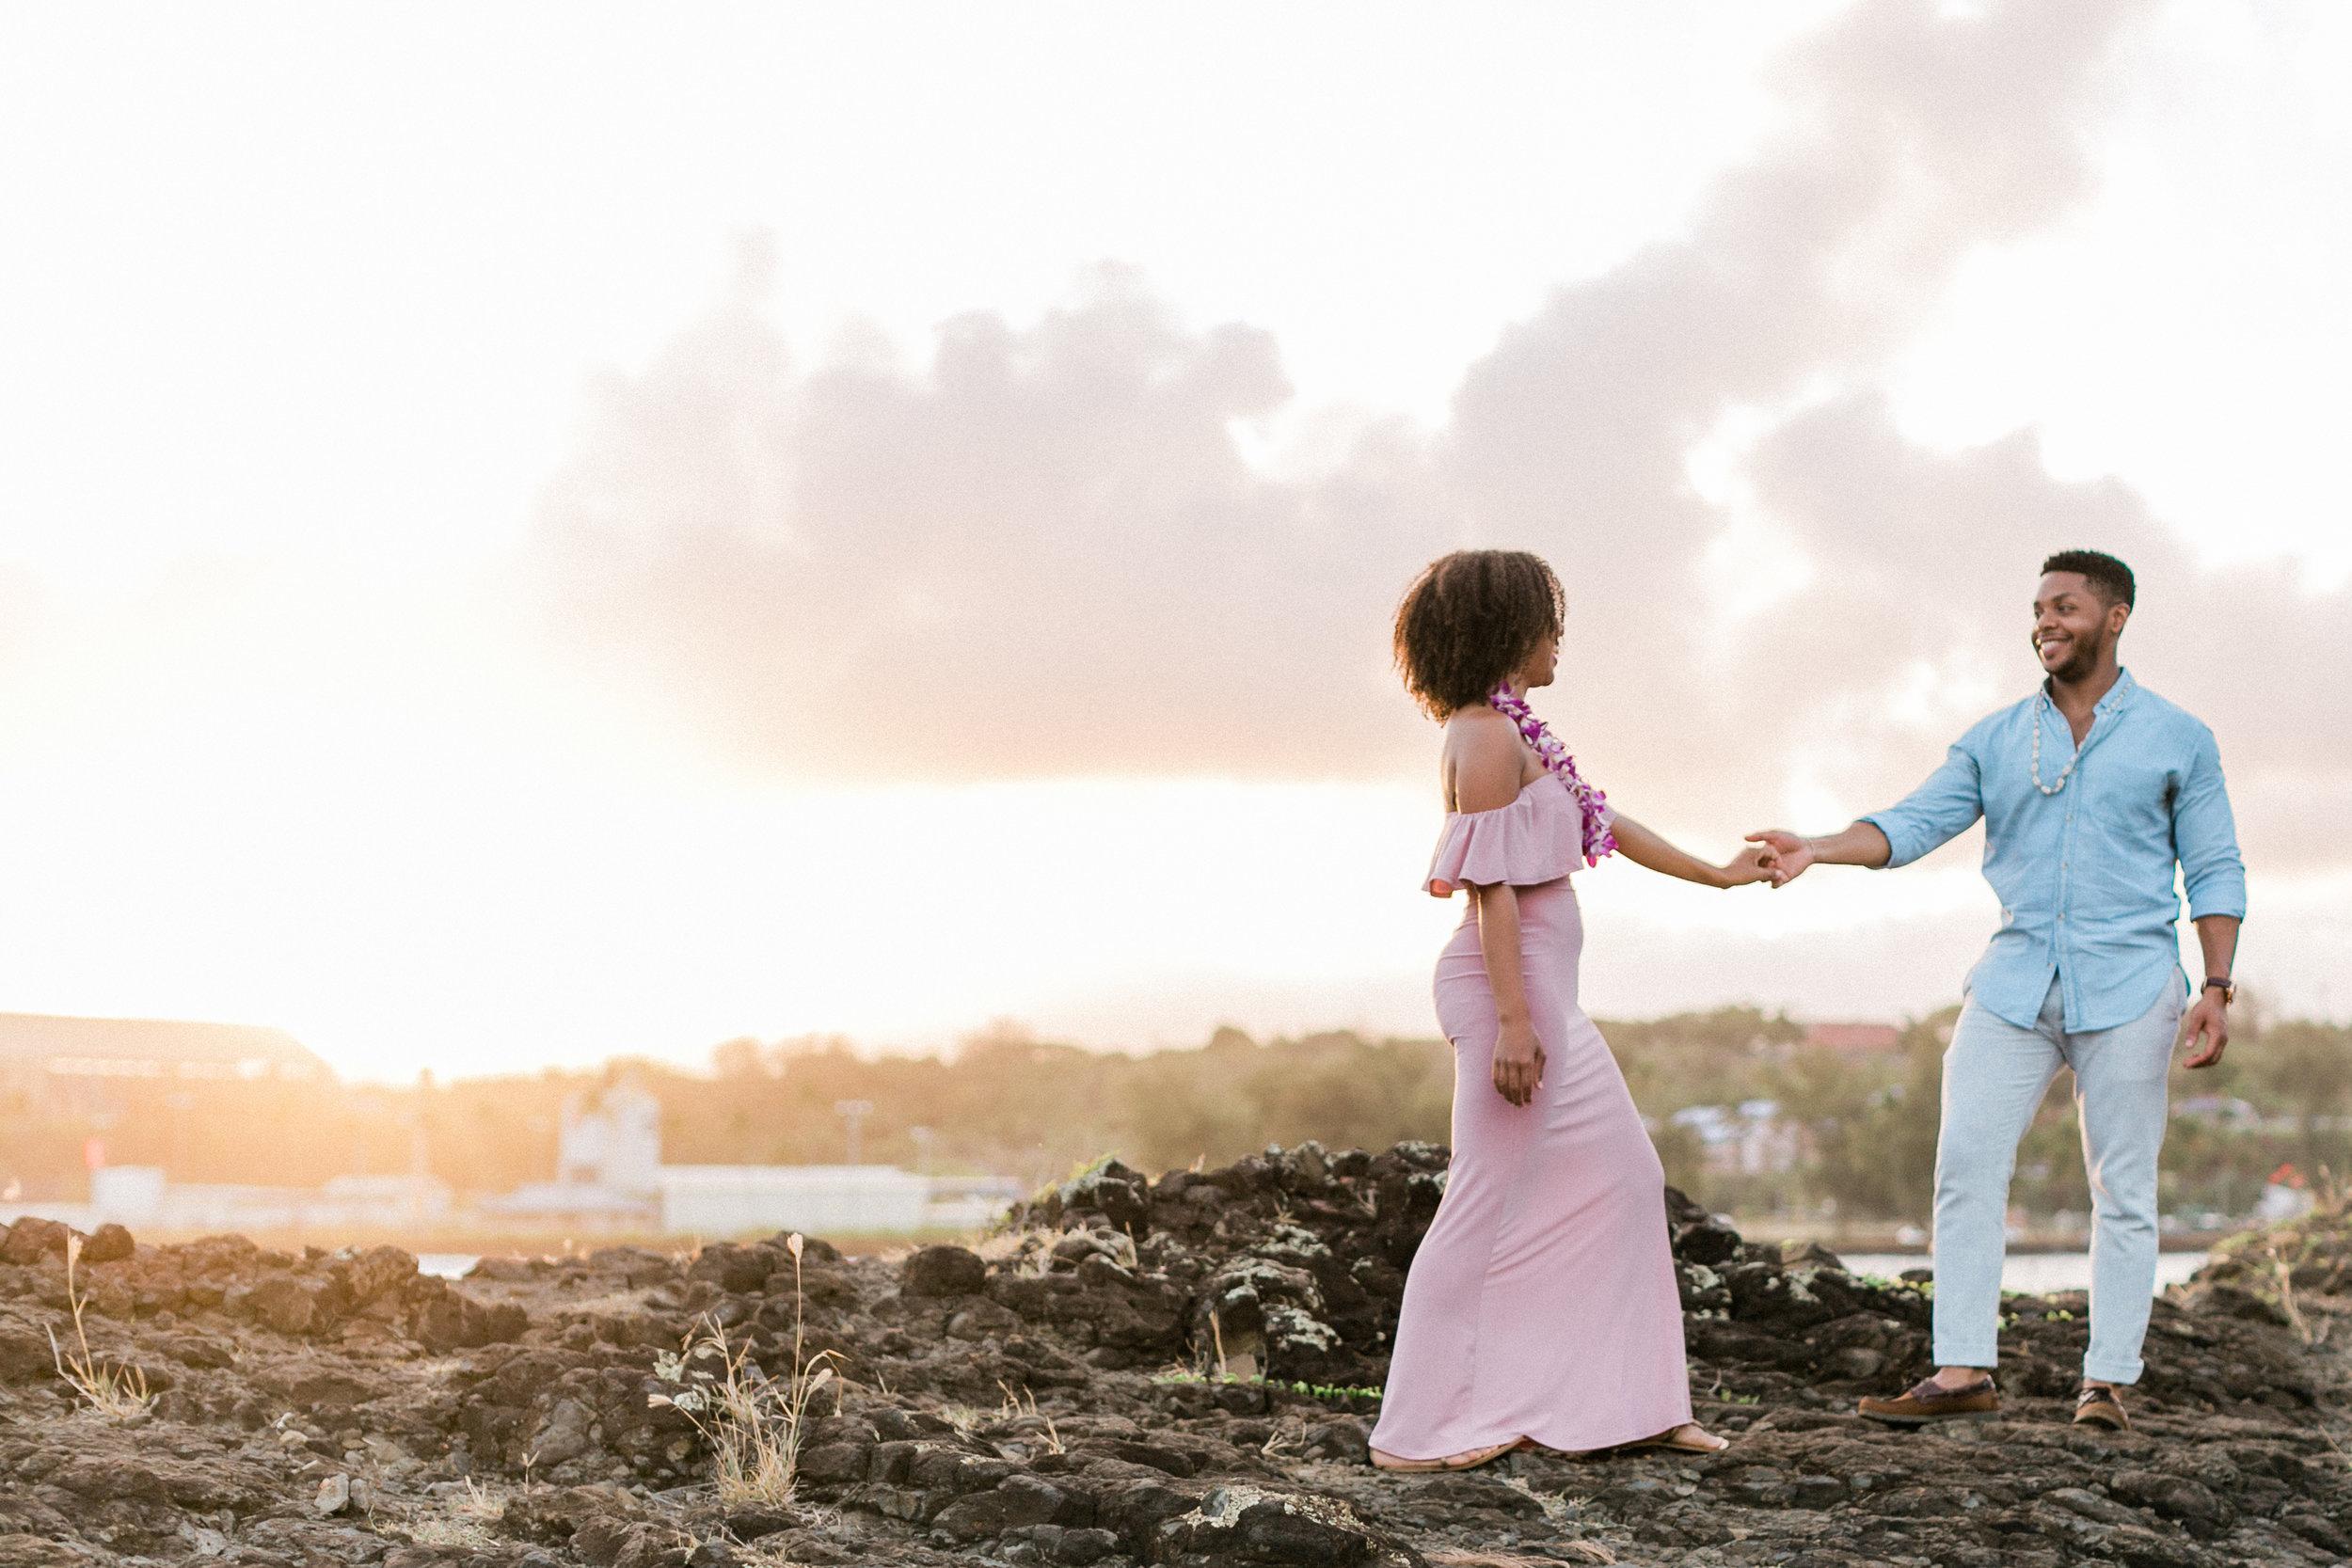 asher-gardner-hawaii-engagement-00014.jpg